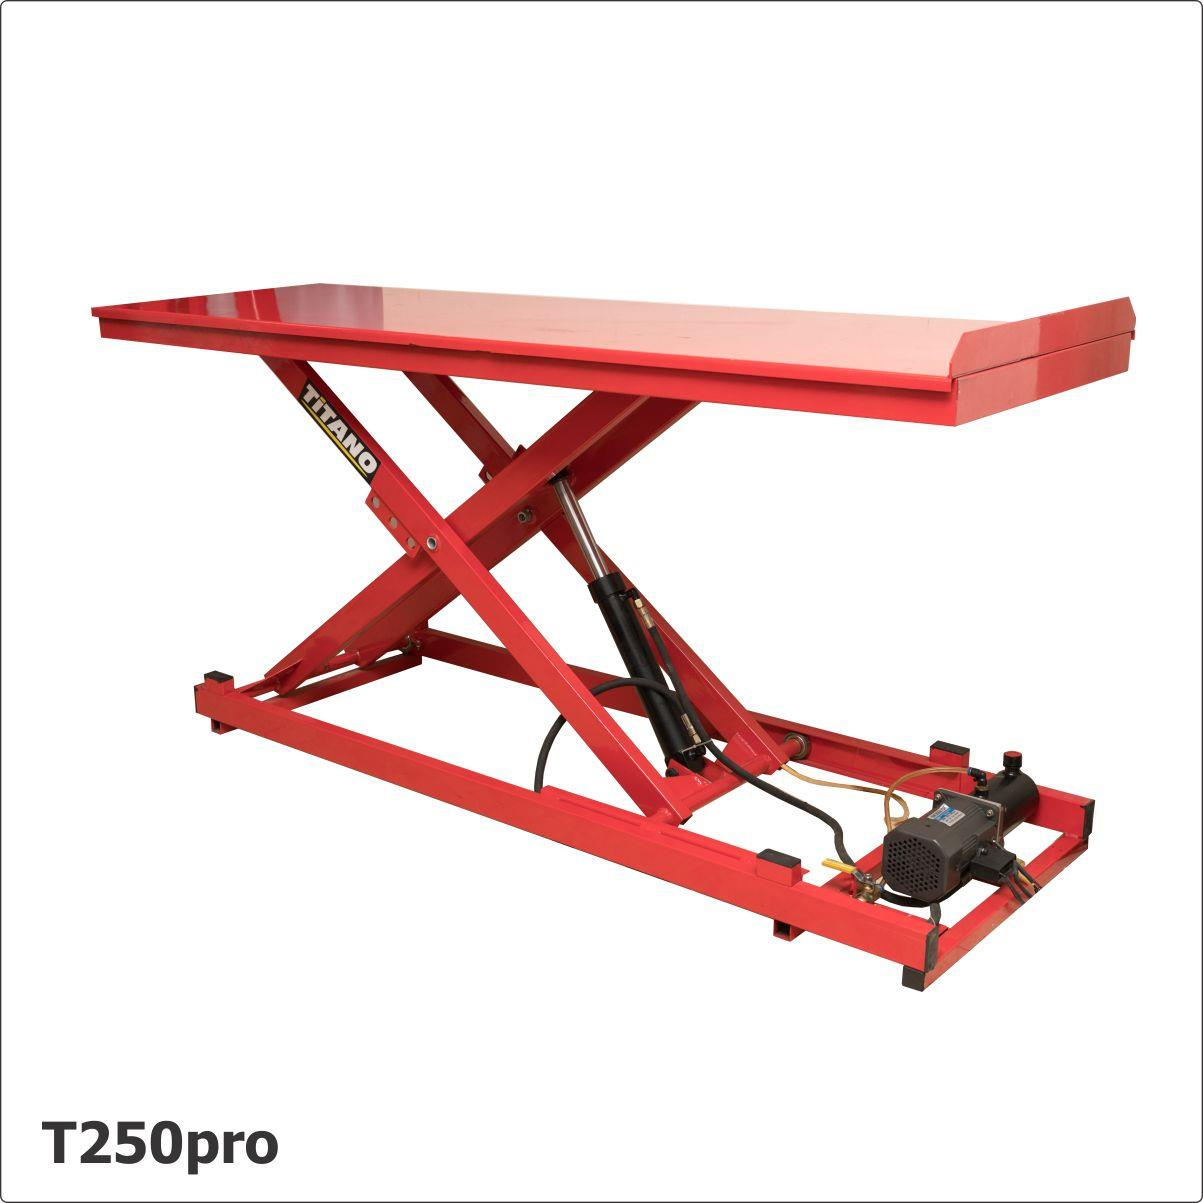 Cầu nâng xe máy, bàn nâng xe máy T250pro